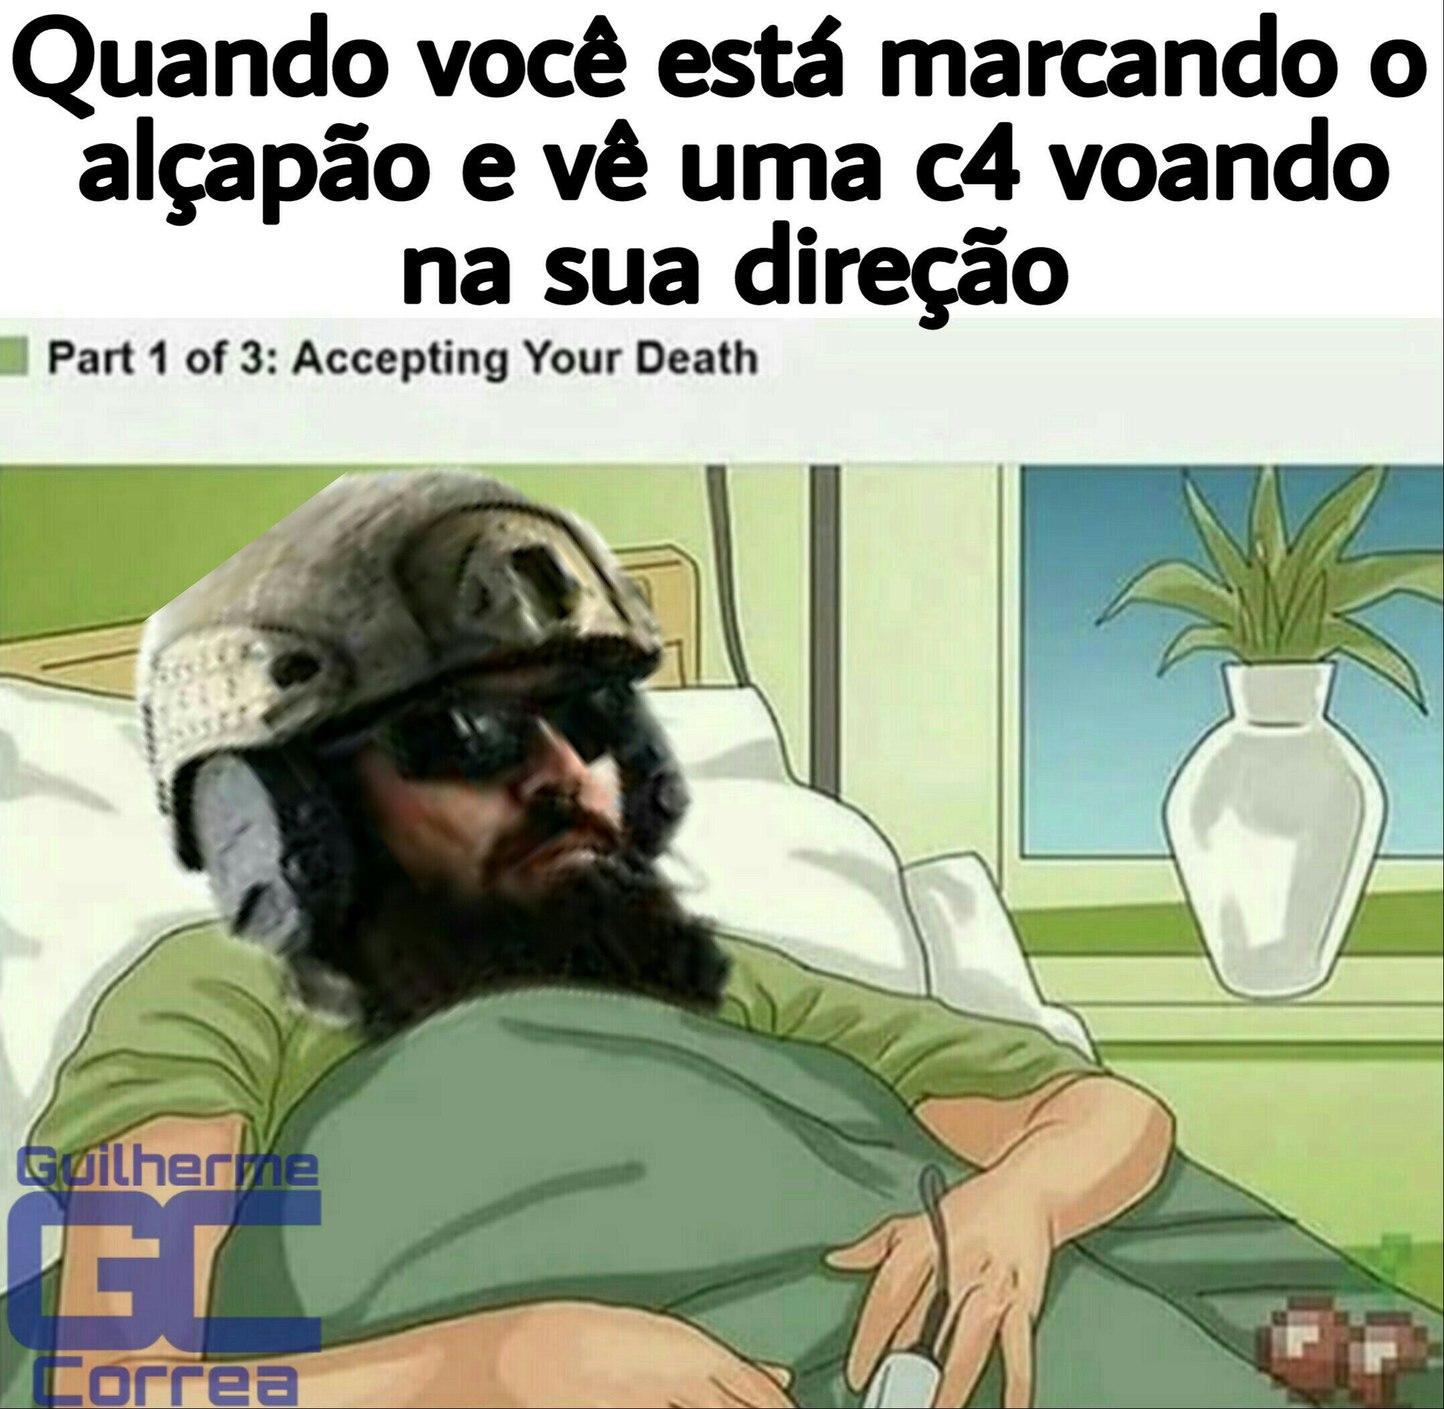 buff tachanka - meme